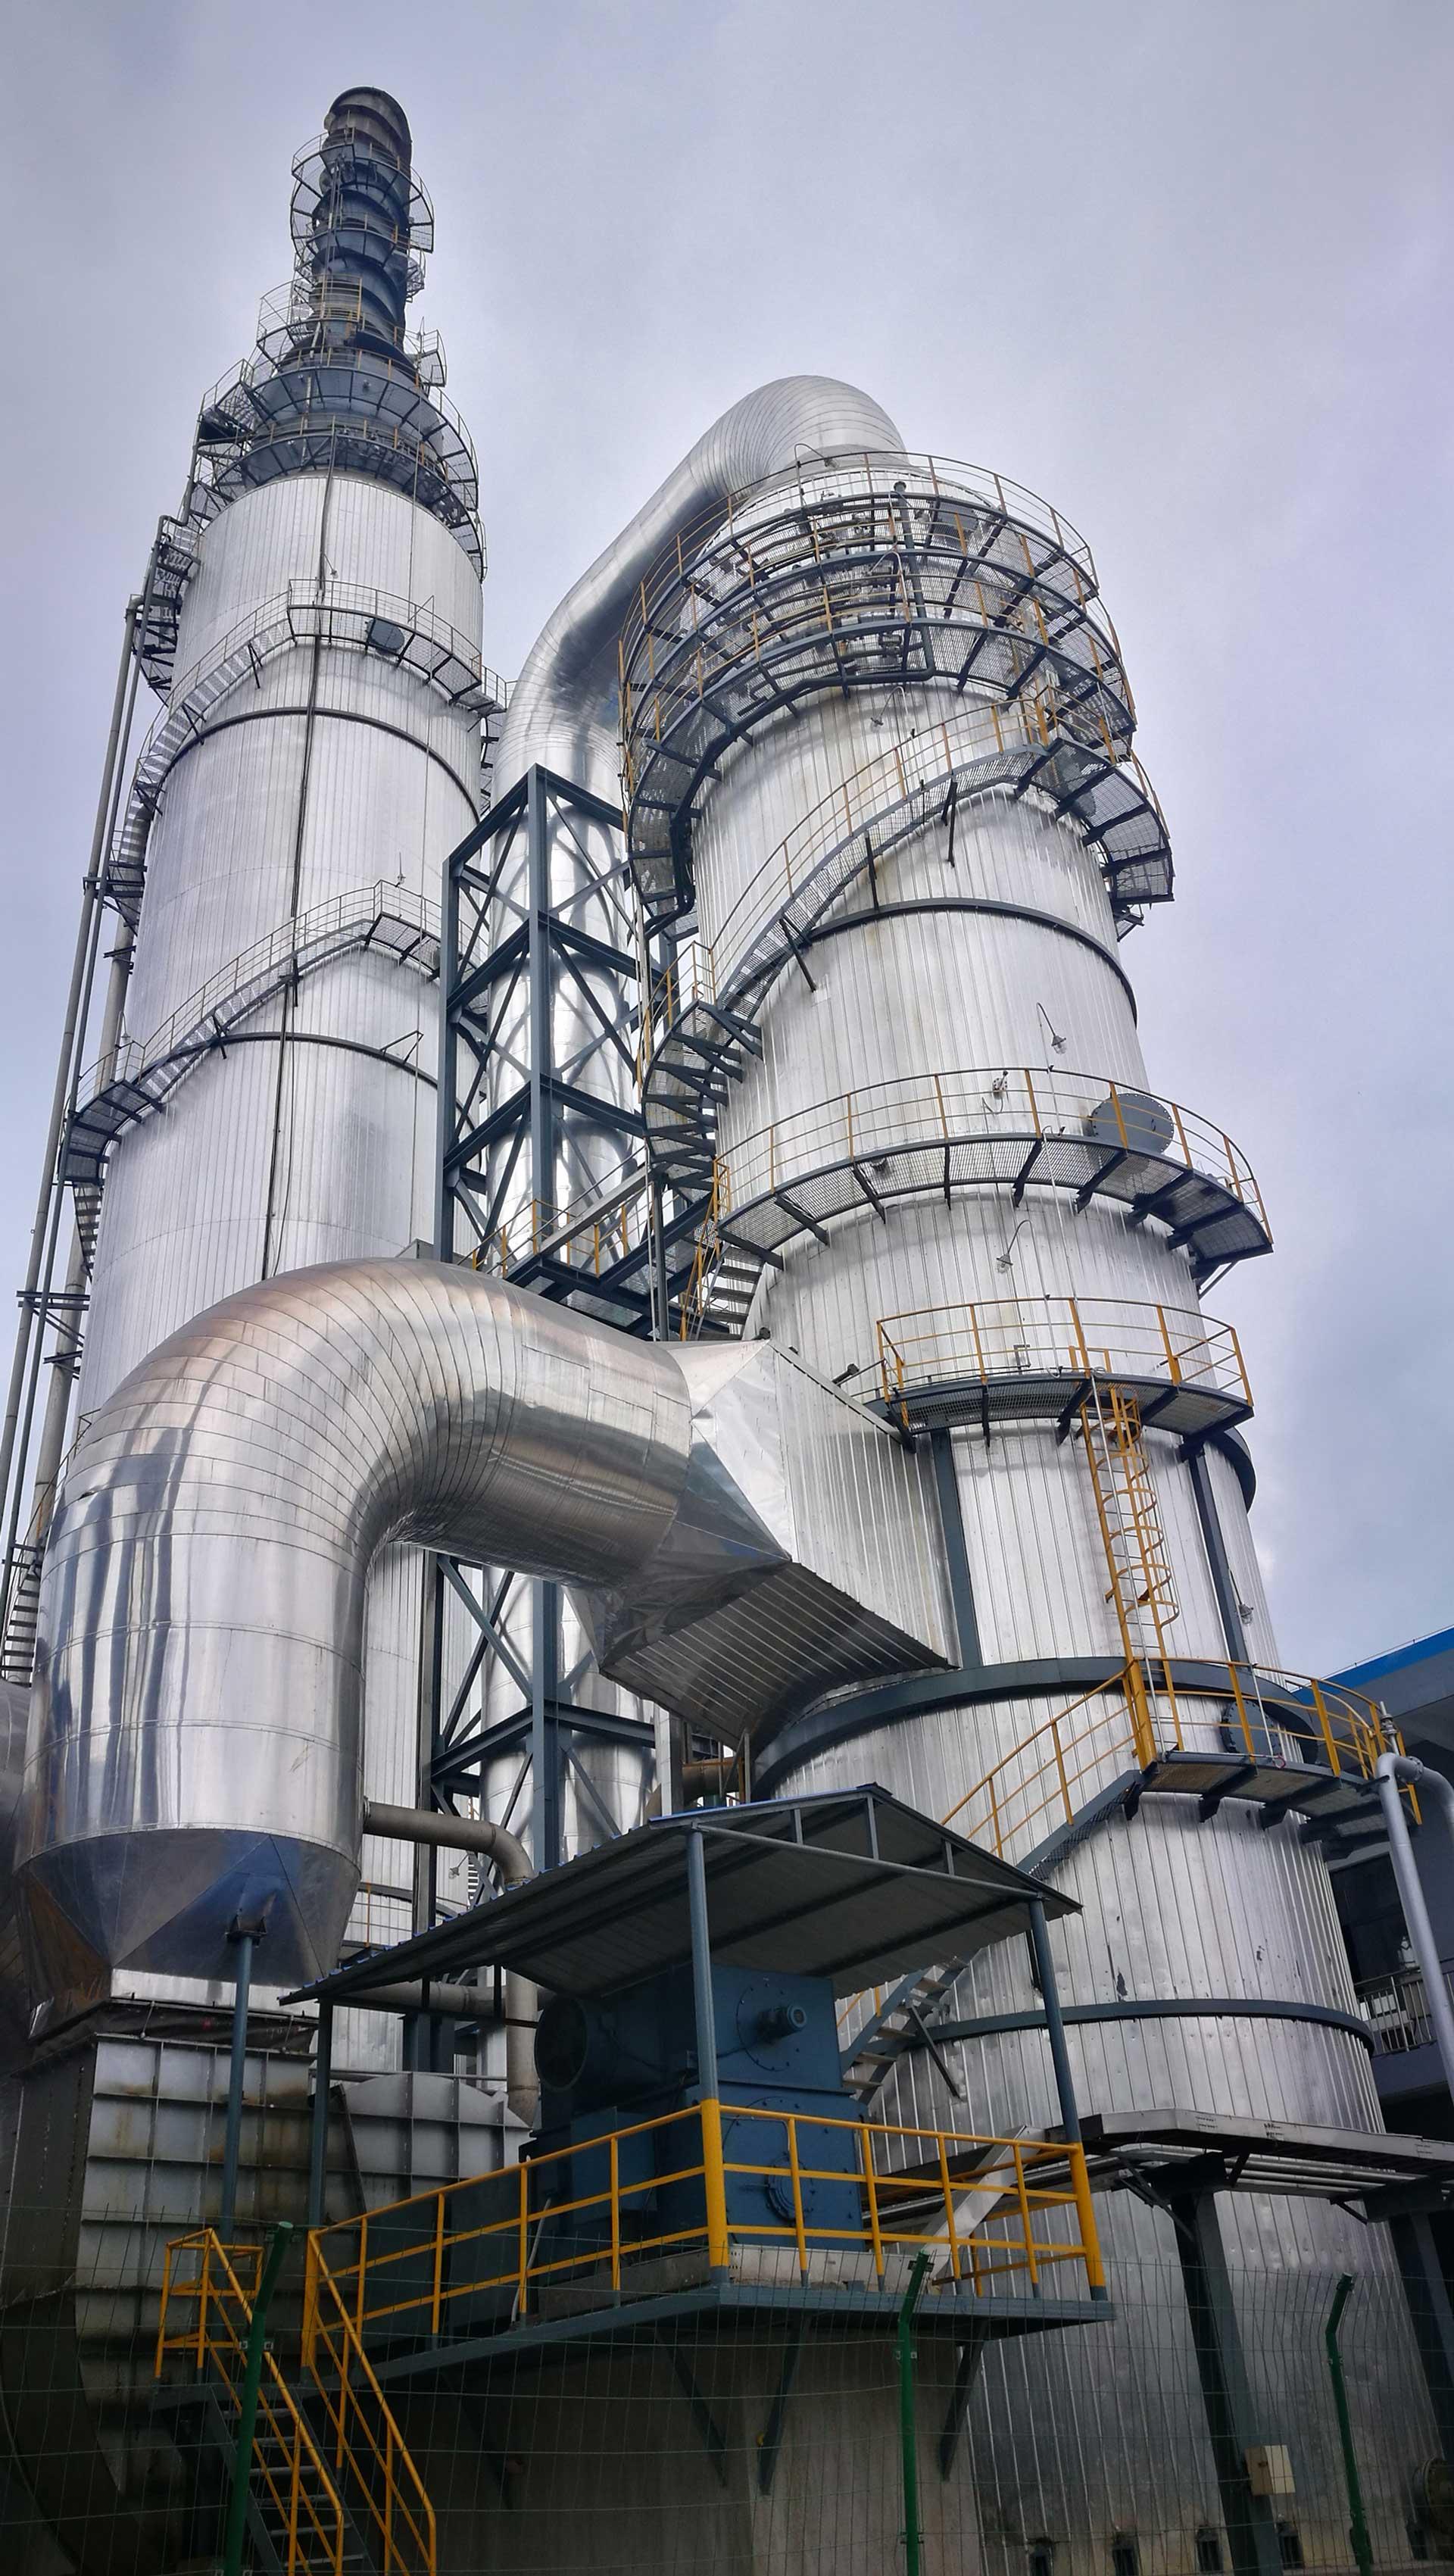 景焦集团开门子陶瓷化工有限公司焦炉烟气脱硫脱硝一体化系统